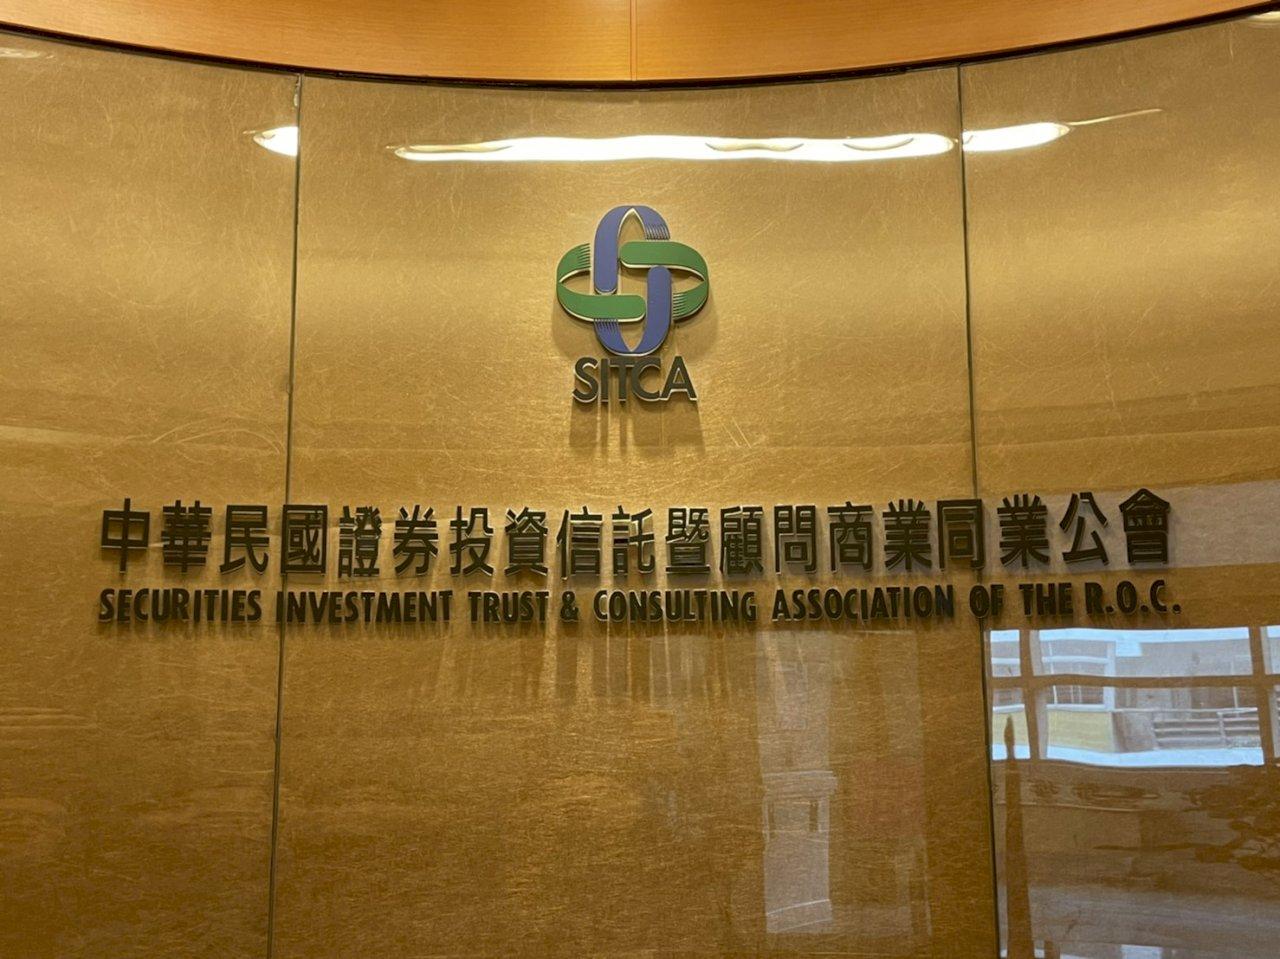 美禁投資中國軍火工業台基金遭波及?投信投顧公會說明